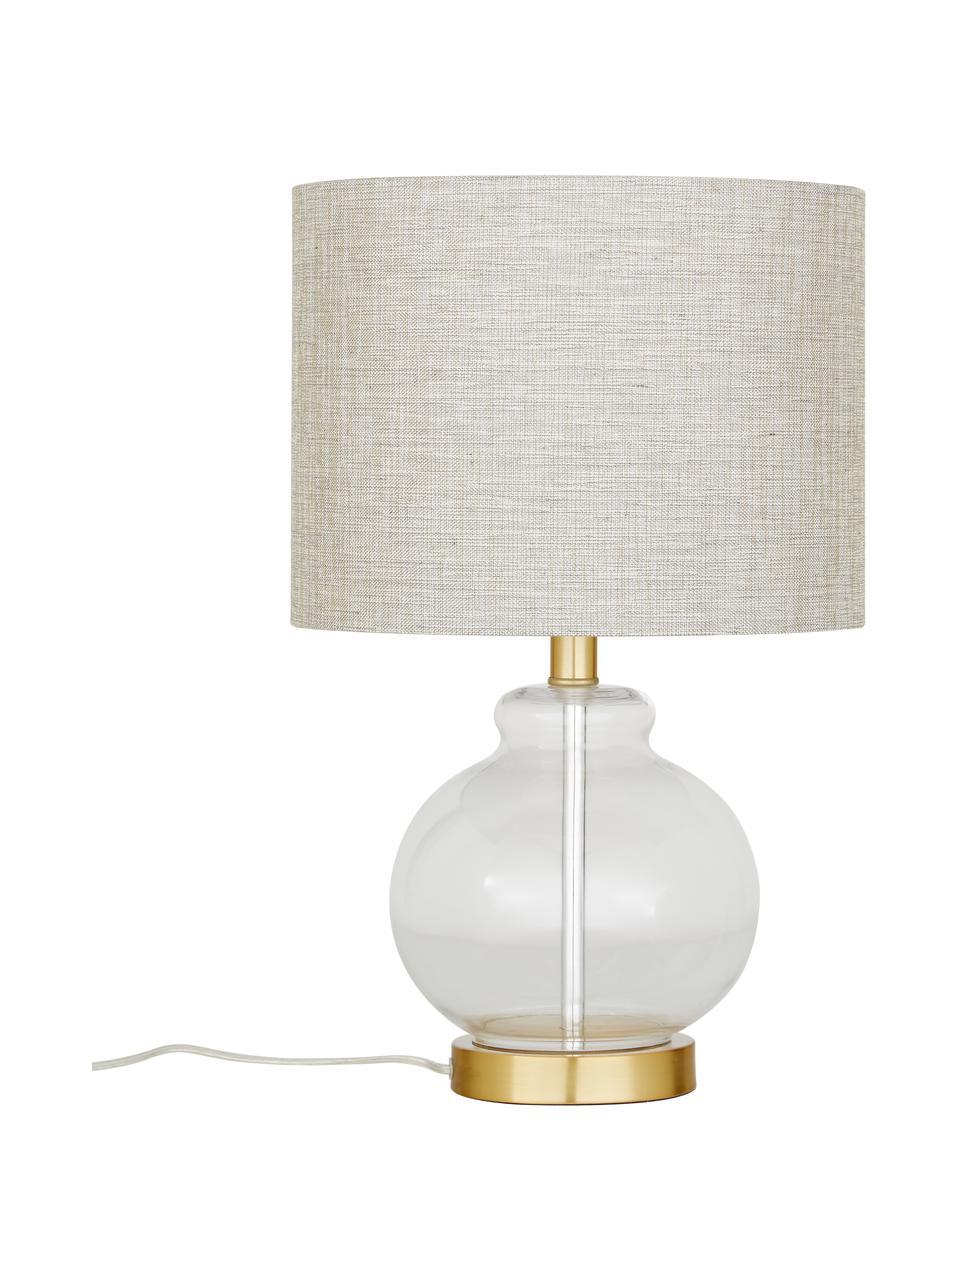 Lampada da tavolo con base in vetro Natty, Paralume: tessuto, Base della lampada: vetro, ottone spazzolato, Taupe, trasparente, Ø 31 x Alt. 48 cm